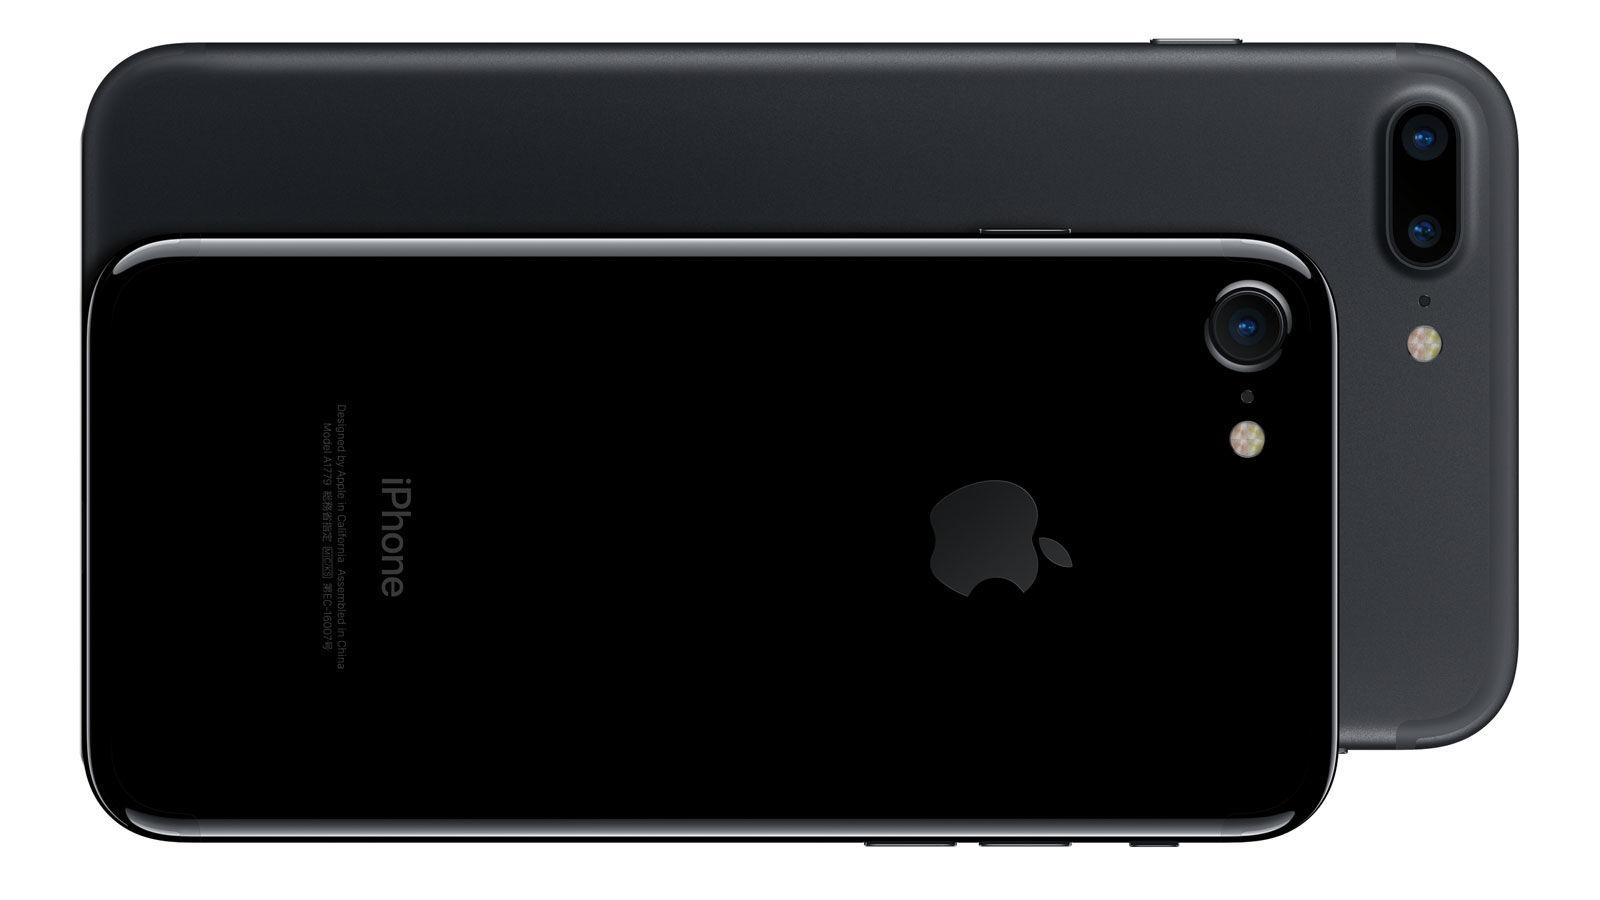 unnamed file 608 - iPhone 7 đã có bảng giá chính hãng, dự kiến bán từ 15/10